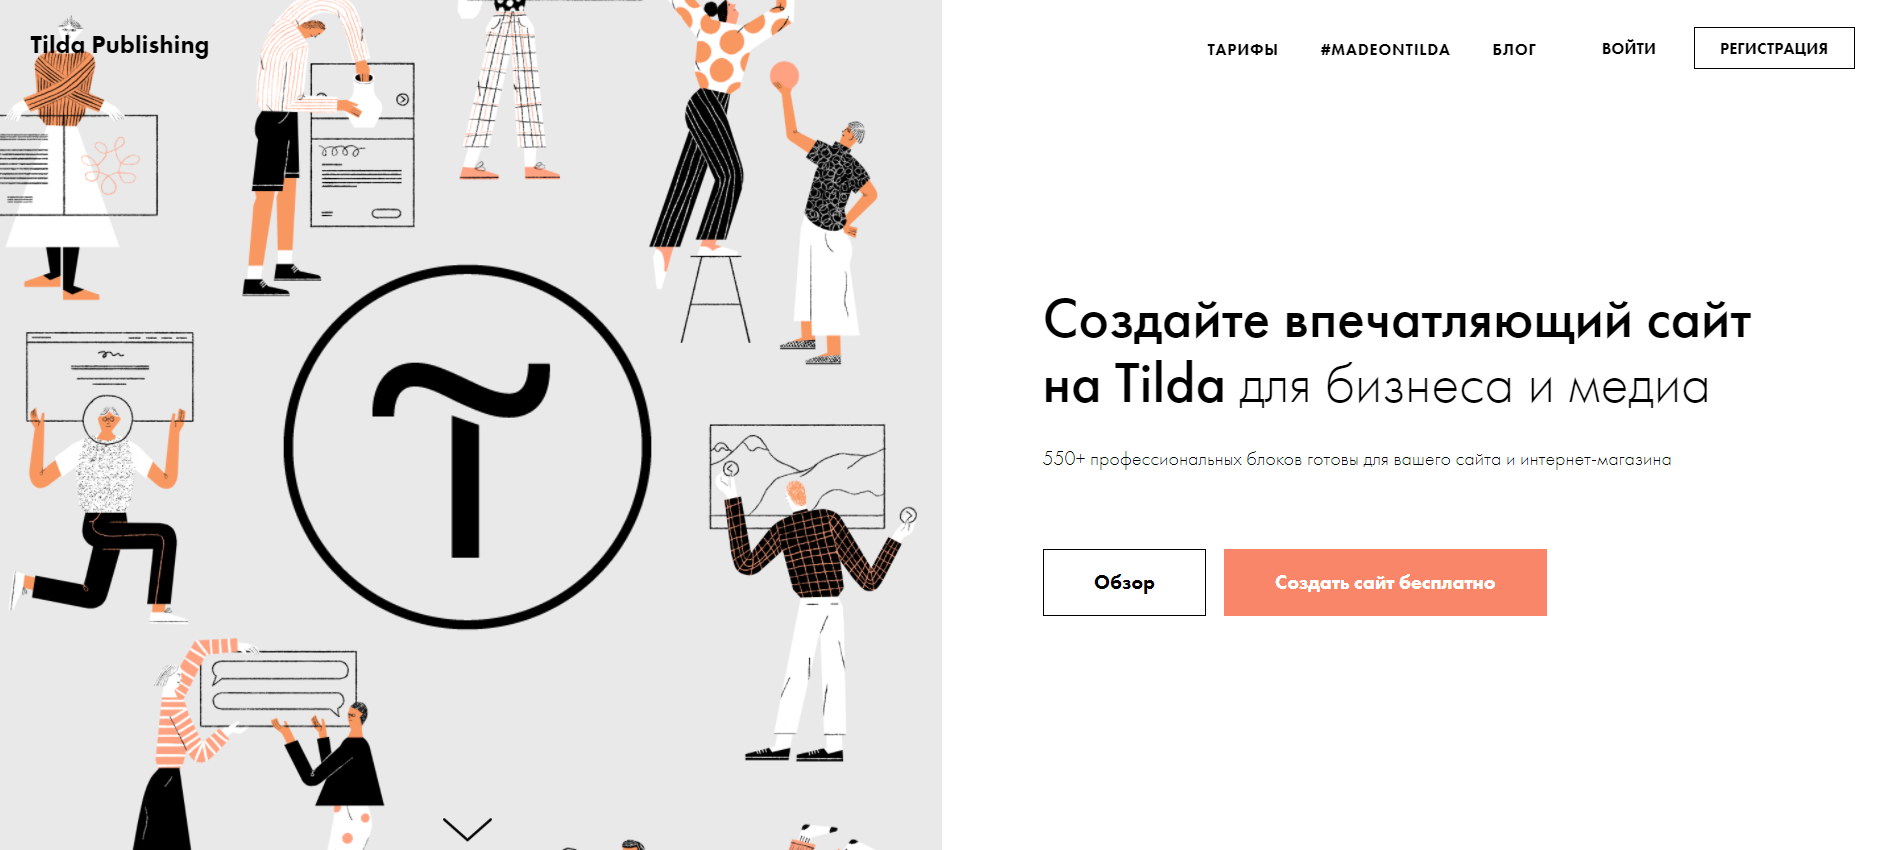 Как сделать сайт самому на Tilda